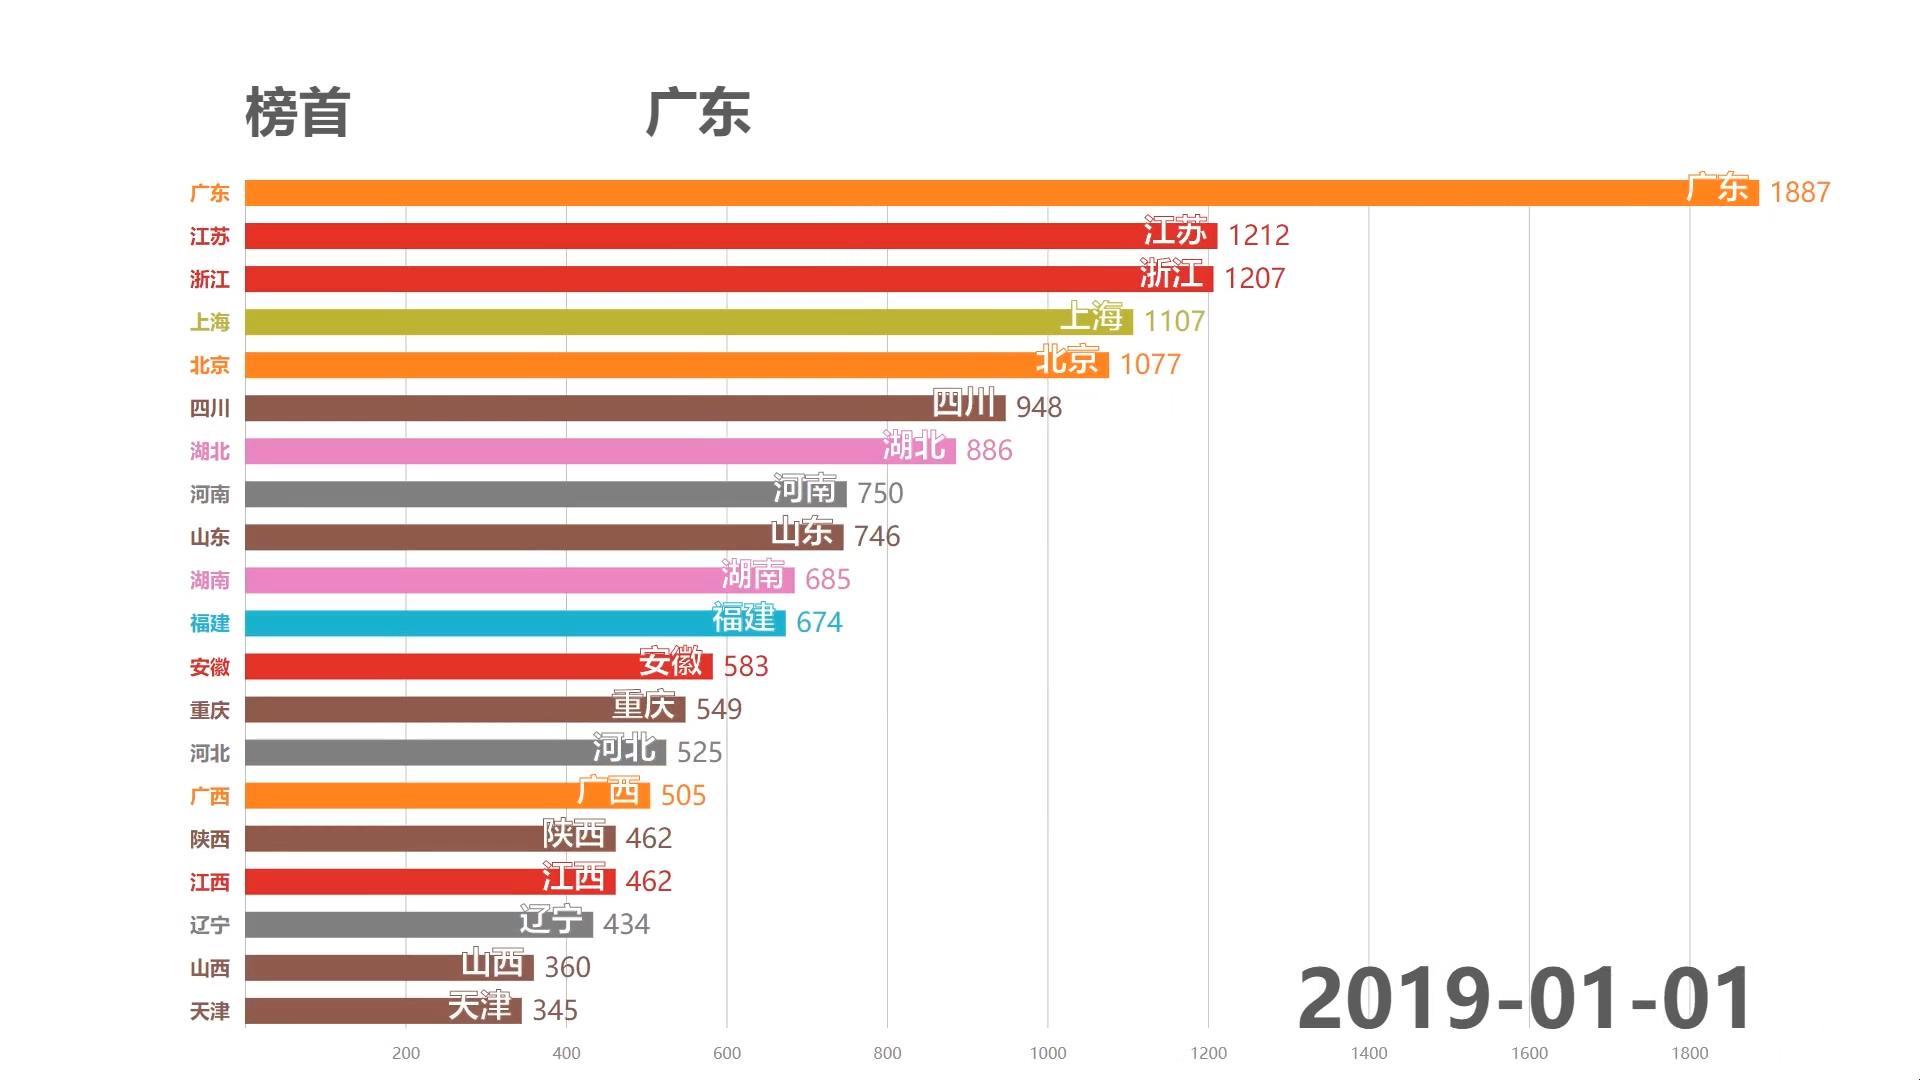 哪里的的Acer最多?AcFun各省百度指数排行